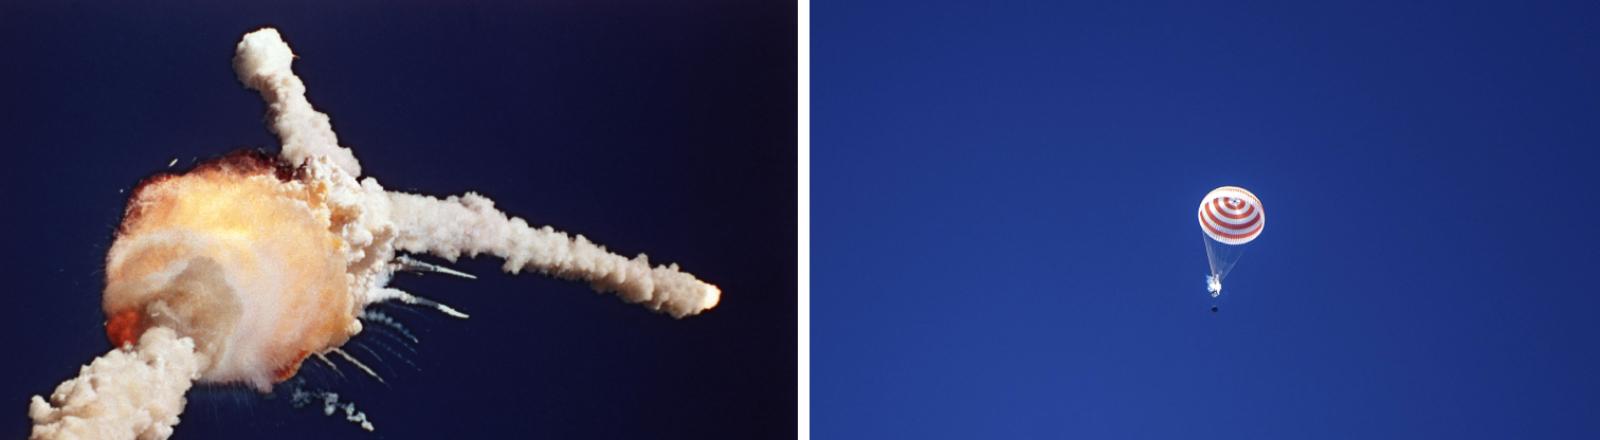 Die Explosion des Space Shuttle Challenger im Januar 1986 und die sichere Rückkehr der Sojus MS-15 Expedition 62 im April 2020